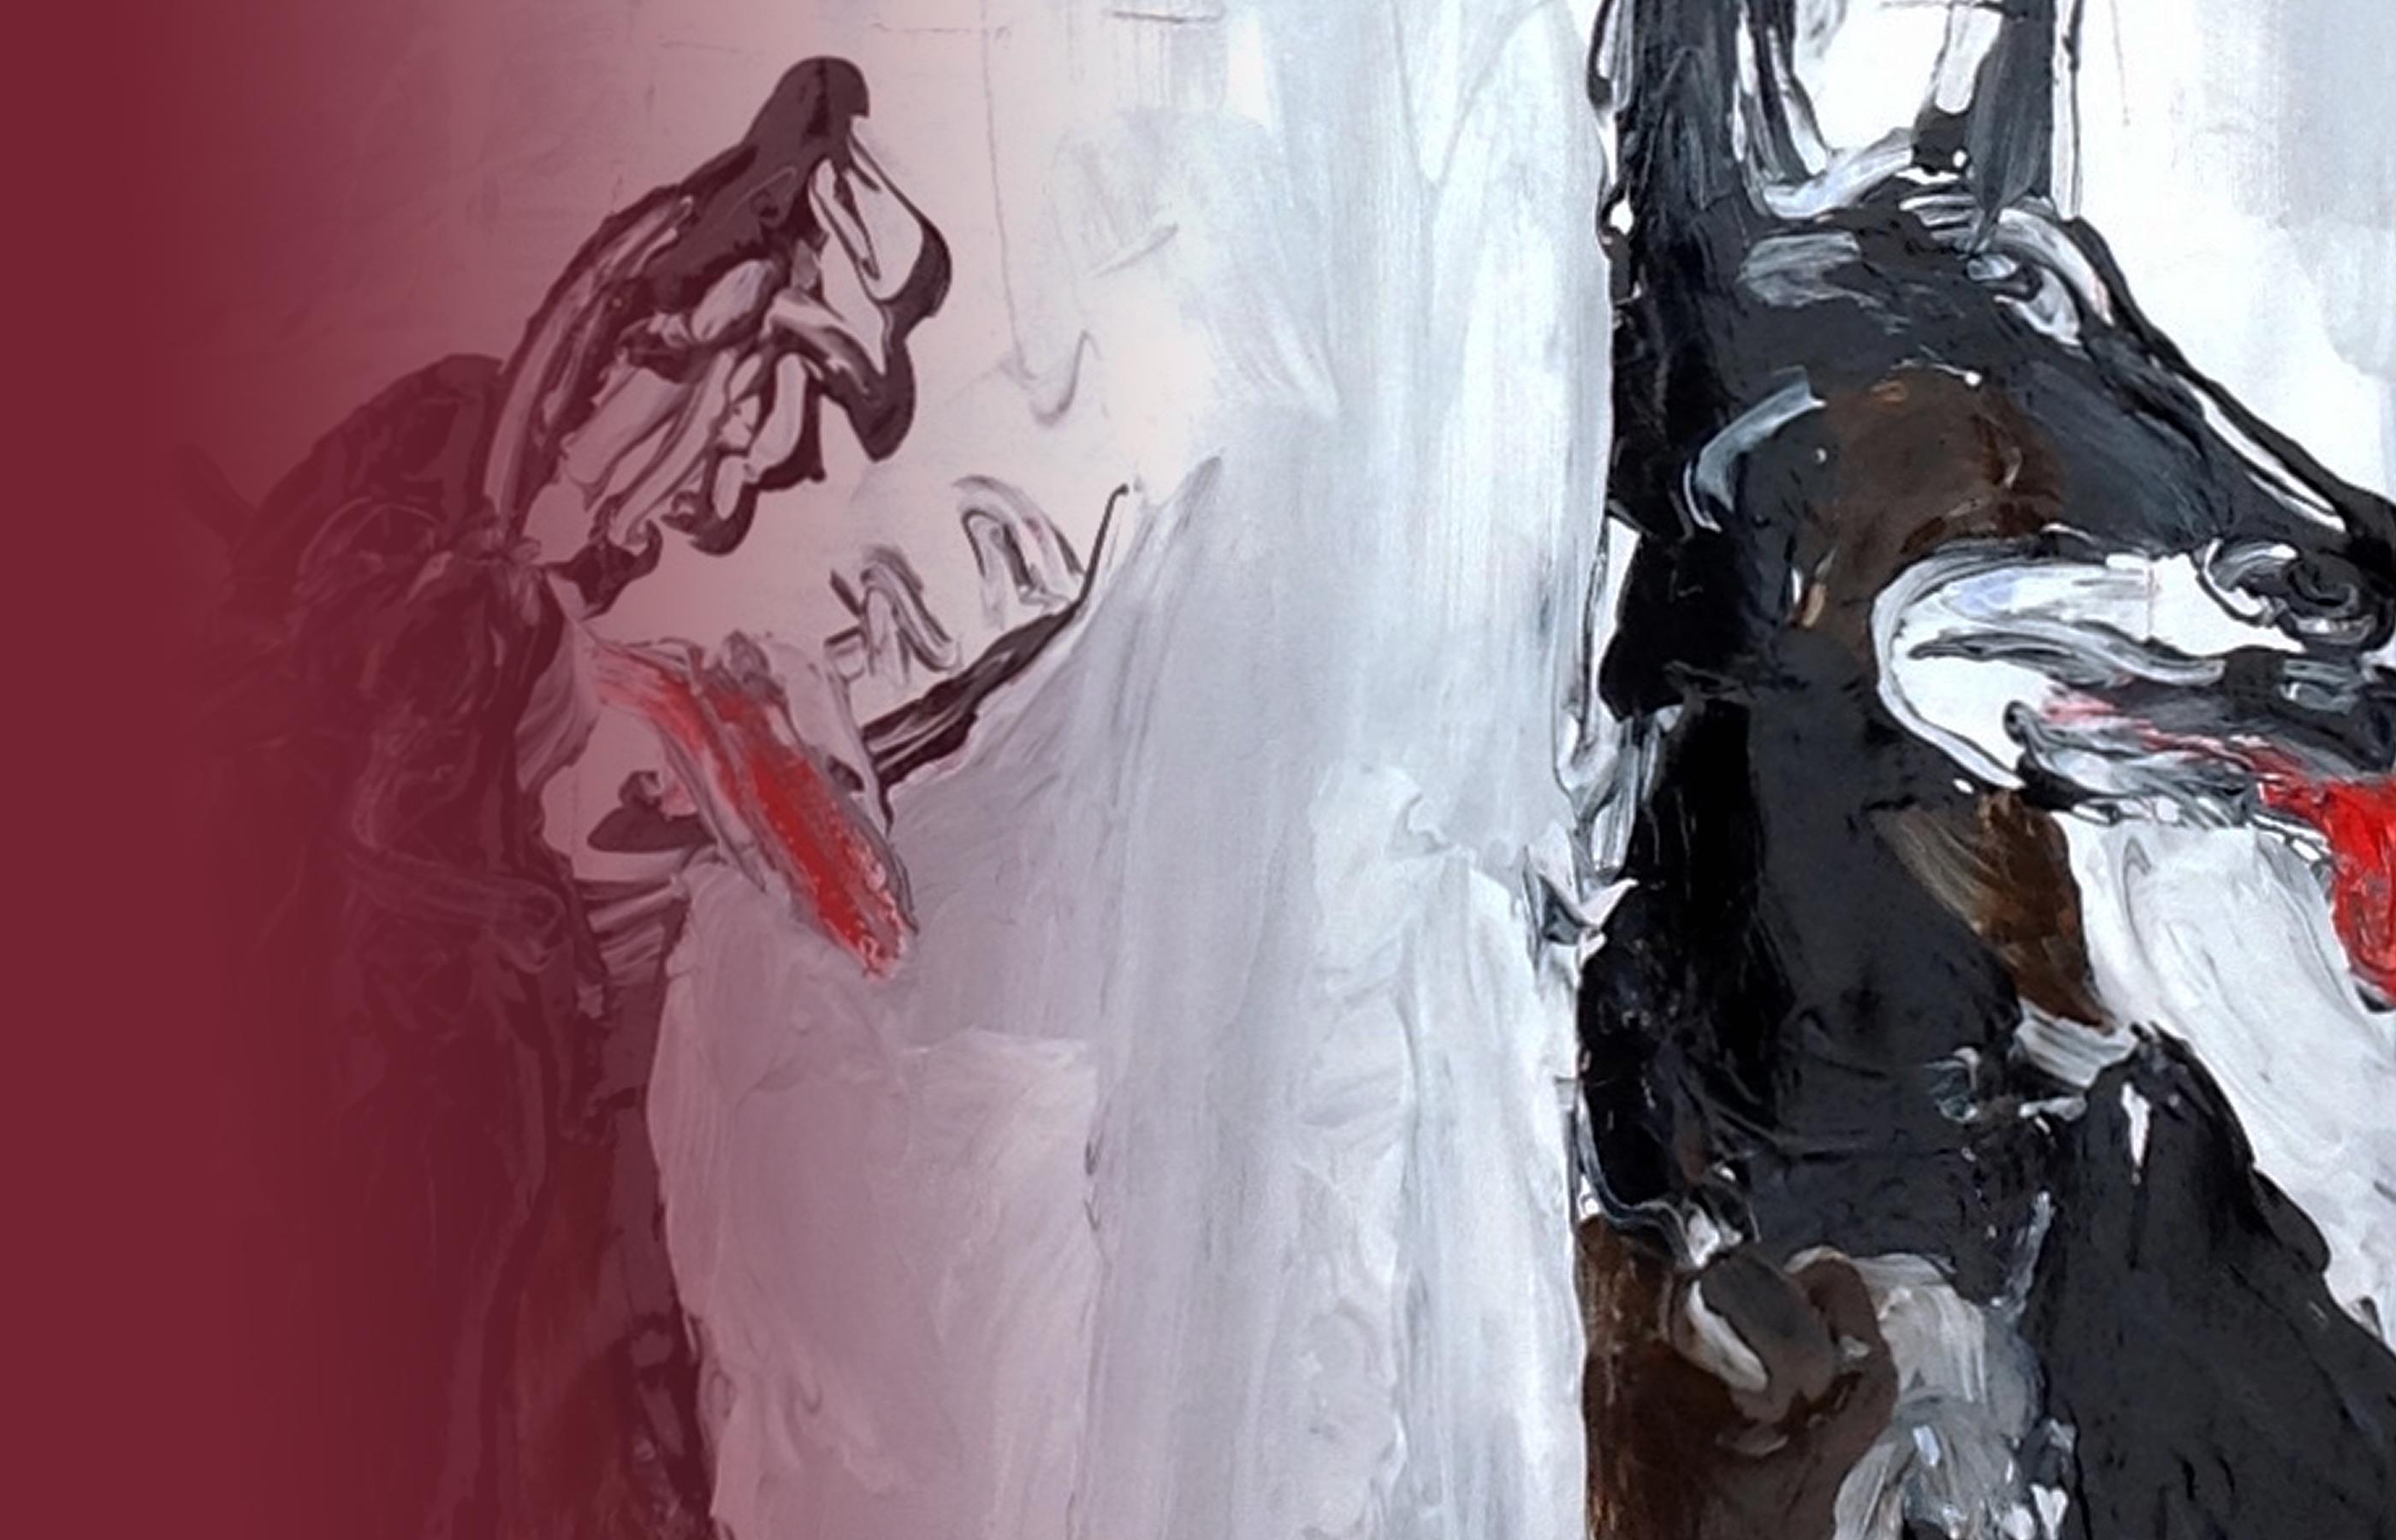 KACPER ABOLIK<br>YEAR OF THE DOG Image